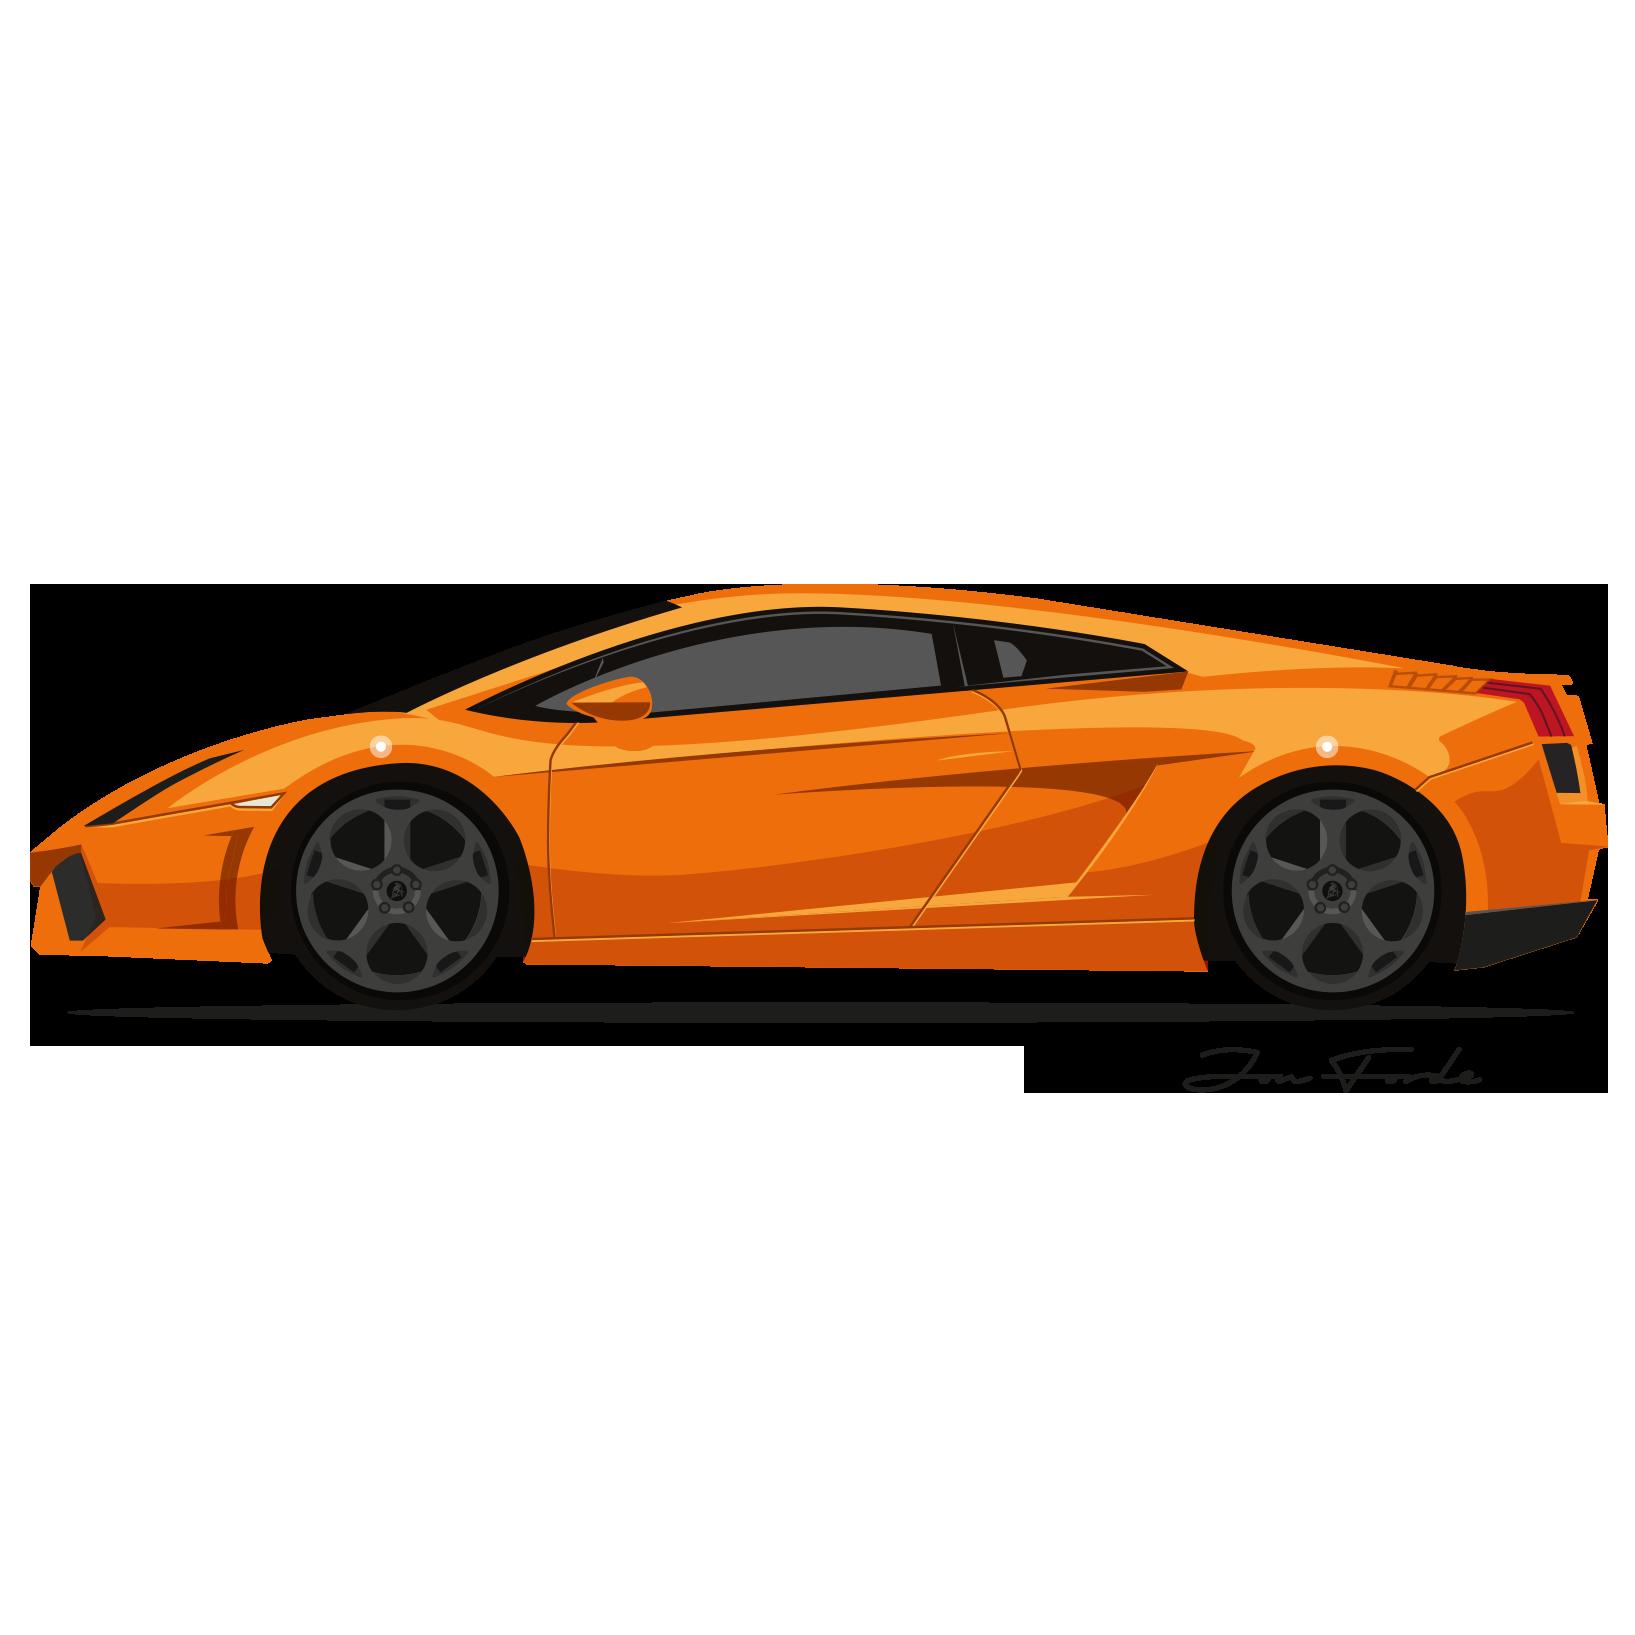 Lamborghini Gallardo Jon Forde Automotive Illustrator